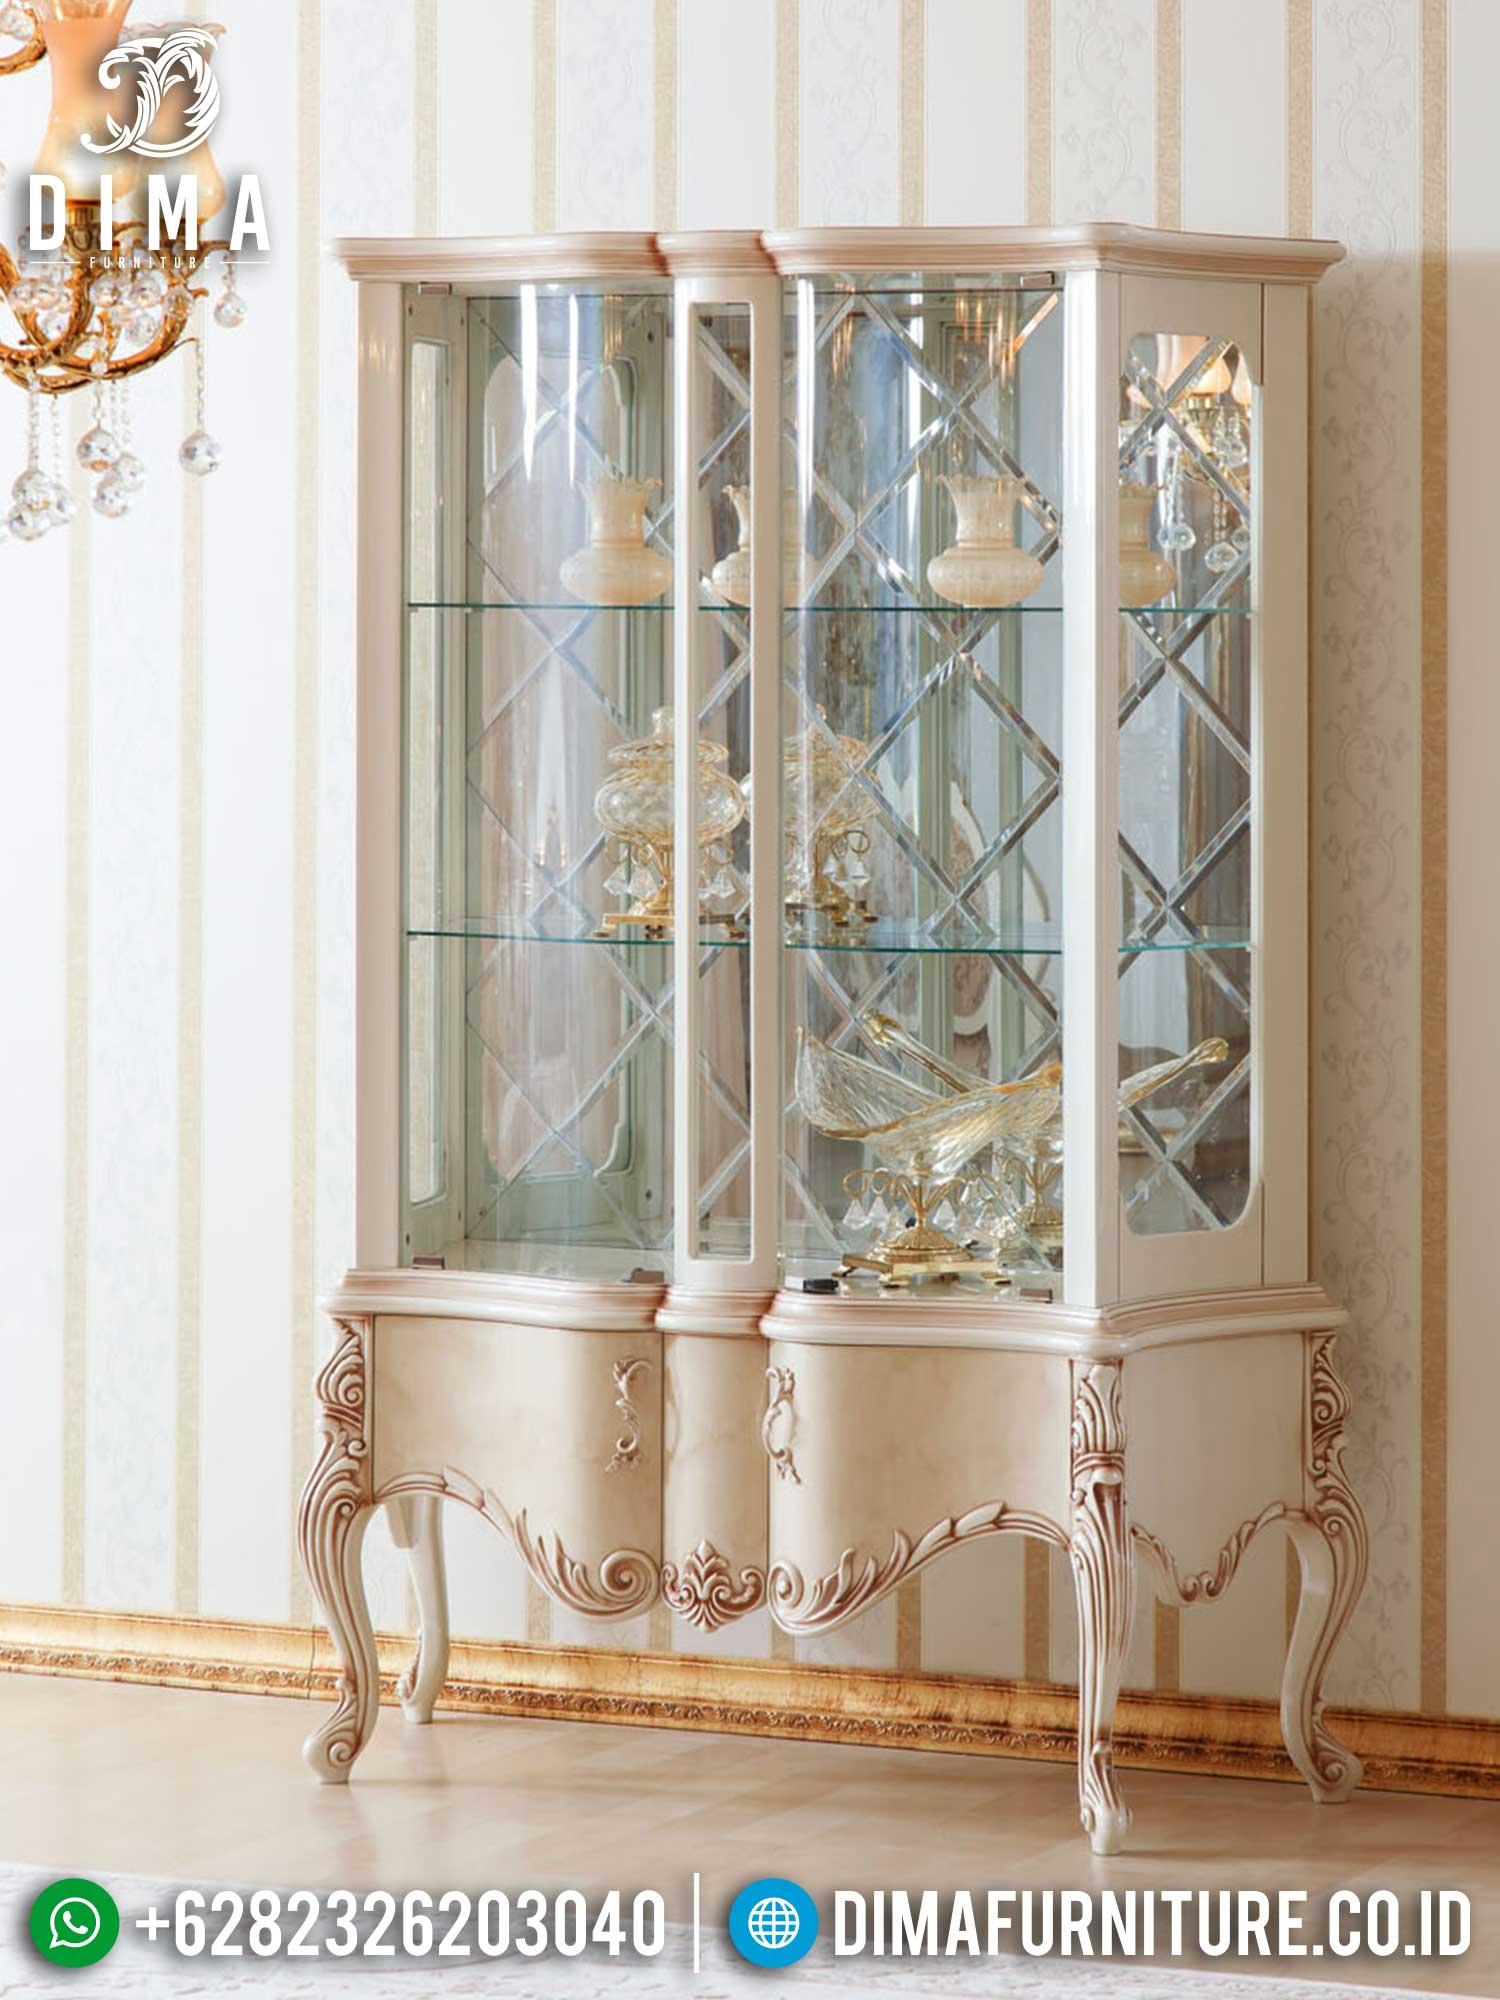 New Lemari Pajangan Mewah Kaca Luxury Classic Set Italian Style TTJ-1398